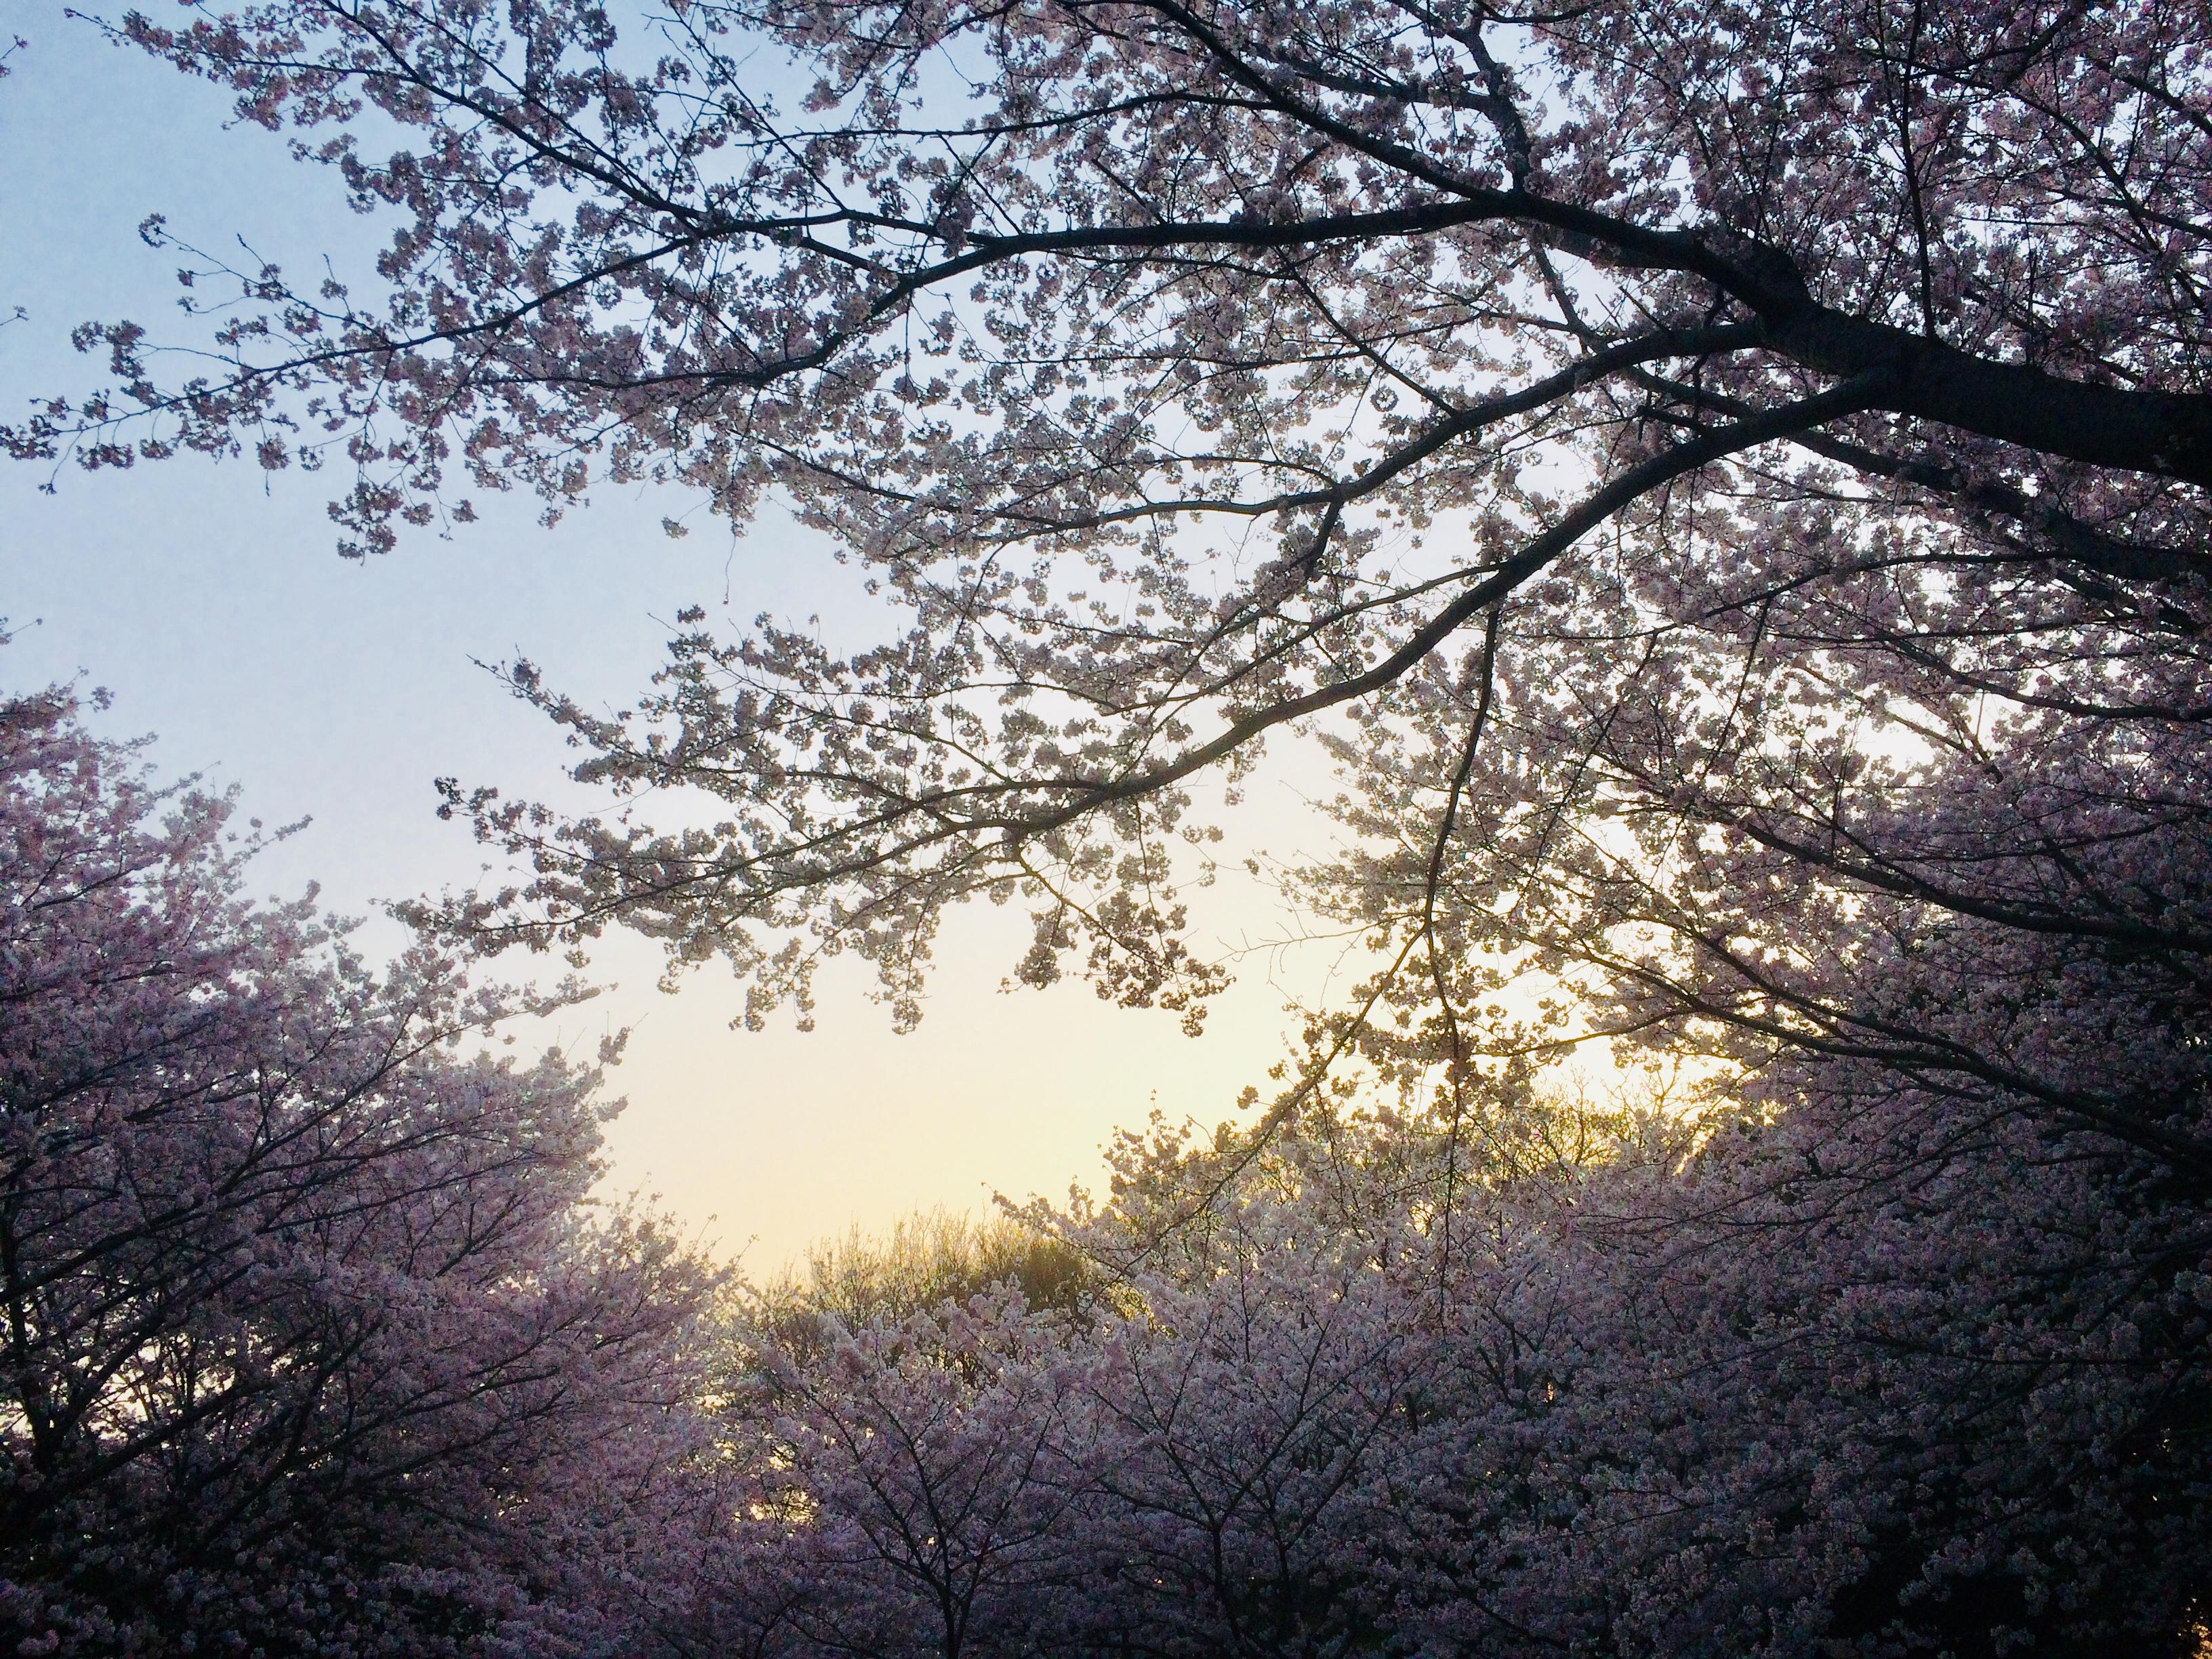 春に見られるサクラの種類19選!ソメイヨシノ以外にはどんな桜が咲く?